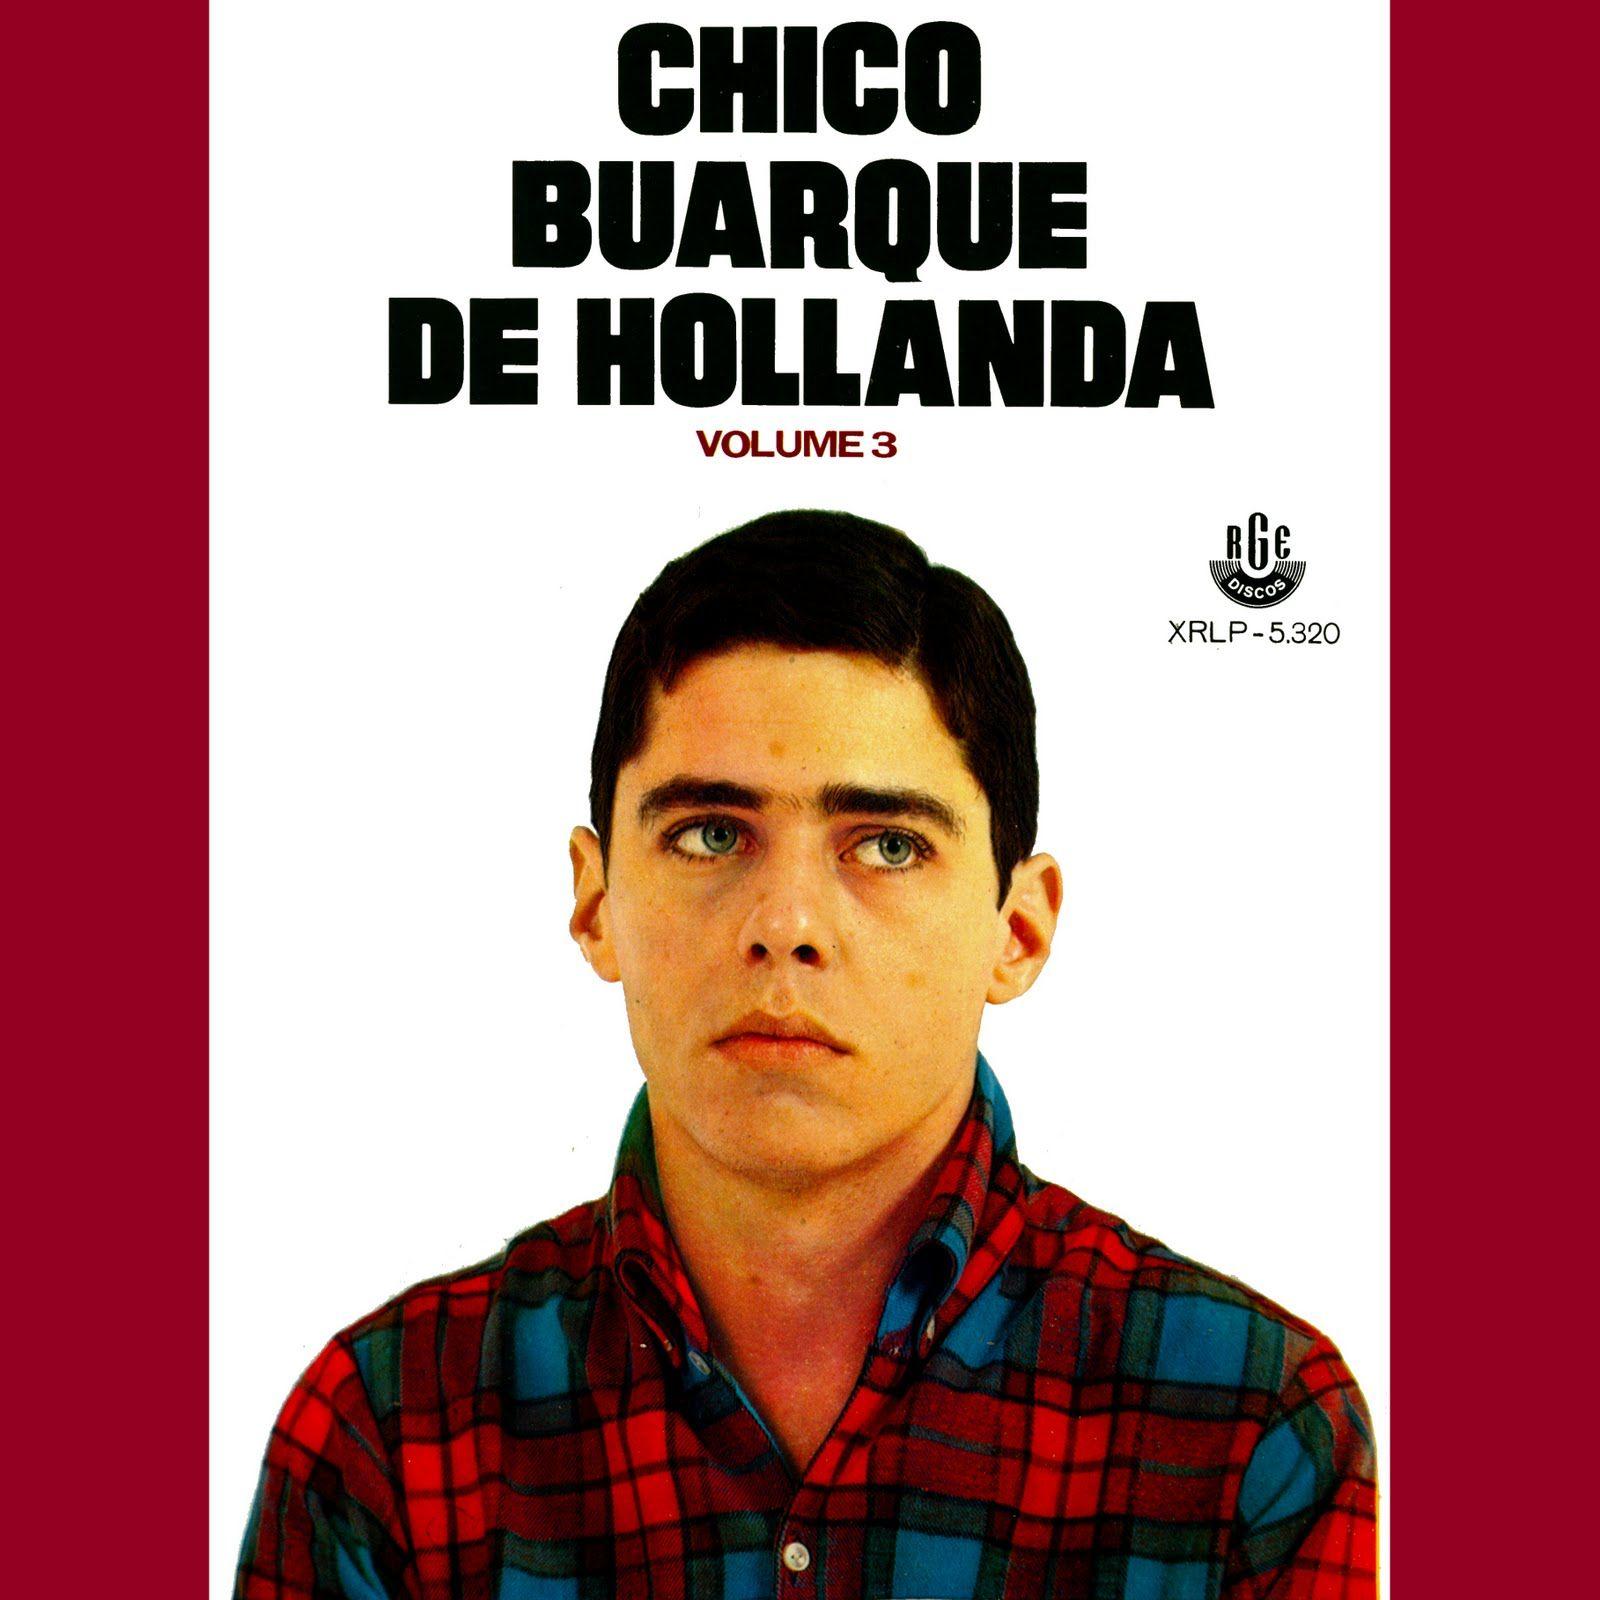 """A música """"Roda Viva"""" foi escrita para a peça de teatro de mesmo nome, ambas de autoria de Chico Buarque"""